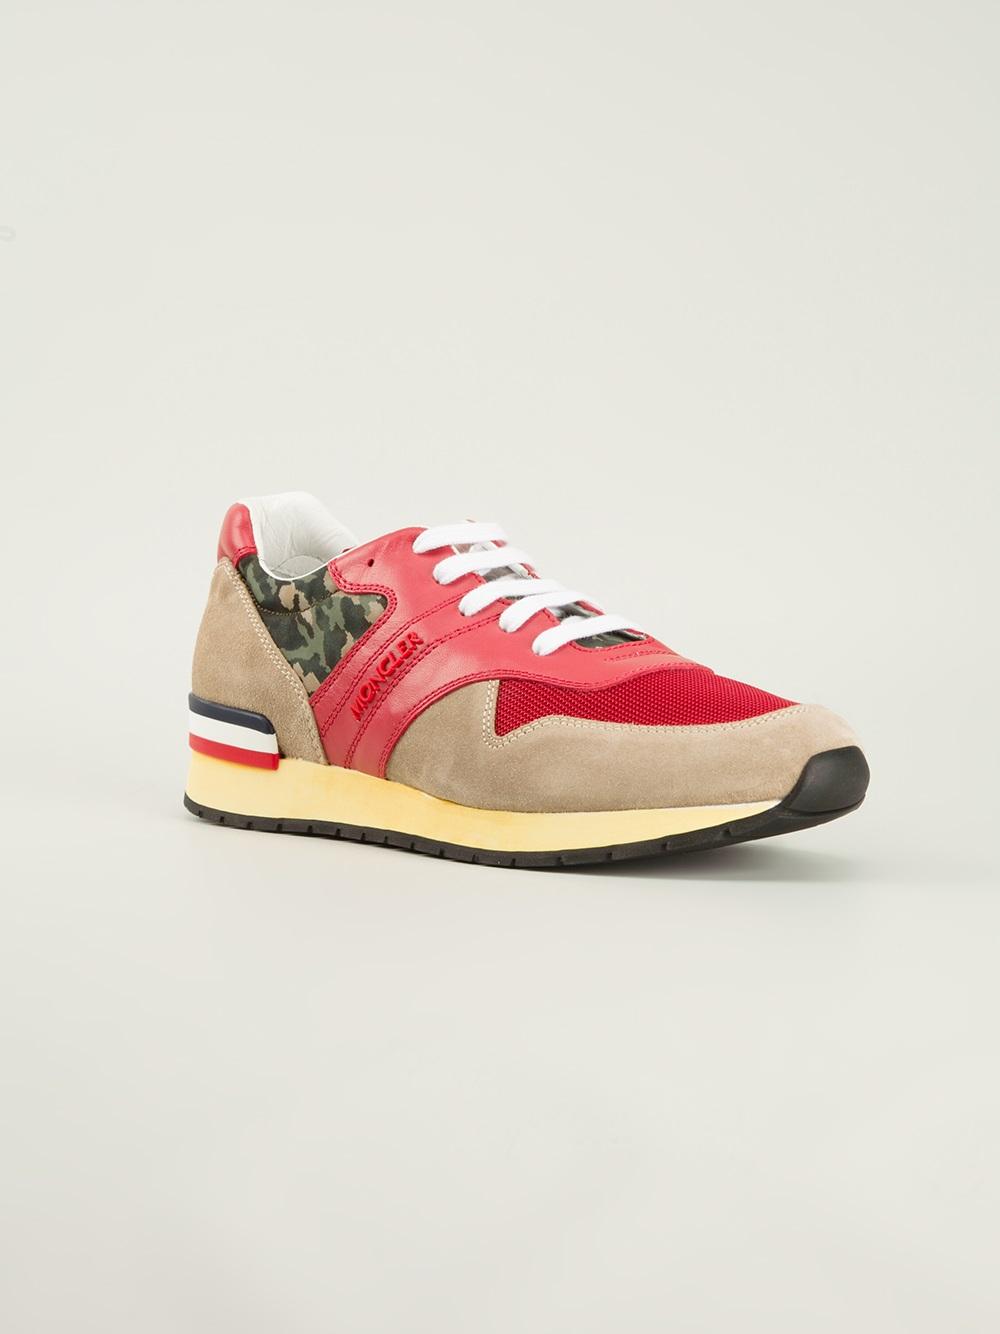 Adidas San Diego Shoes